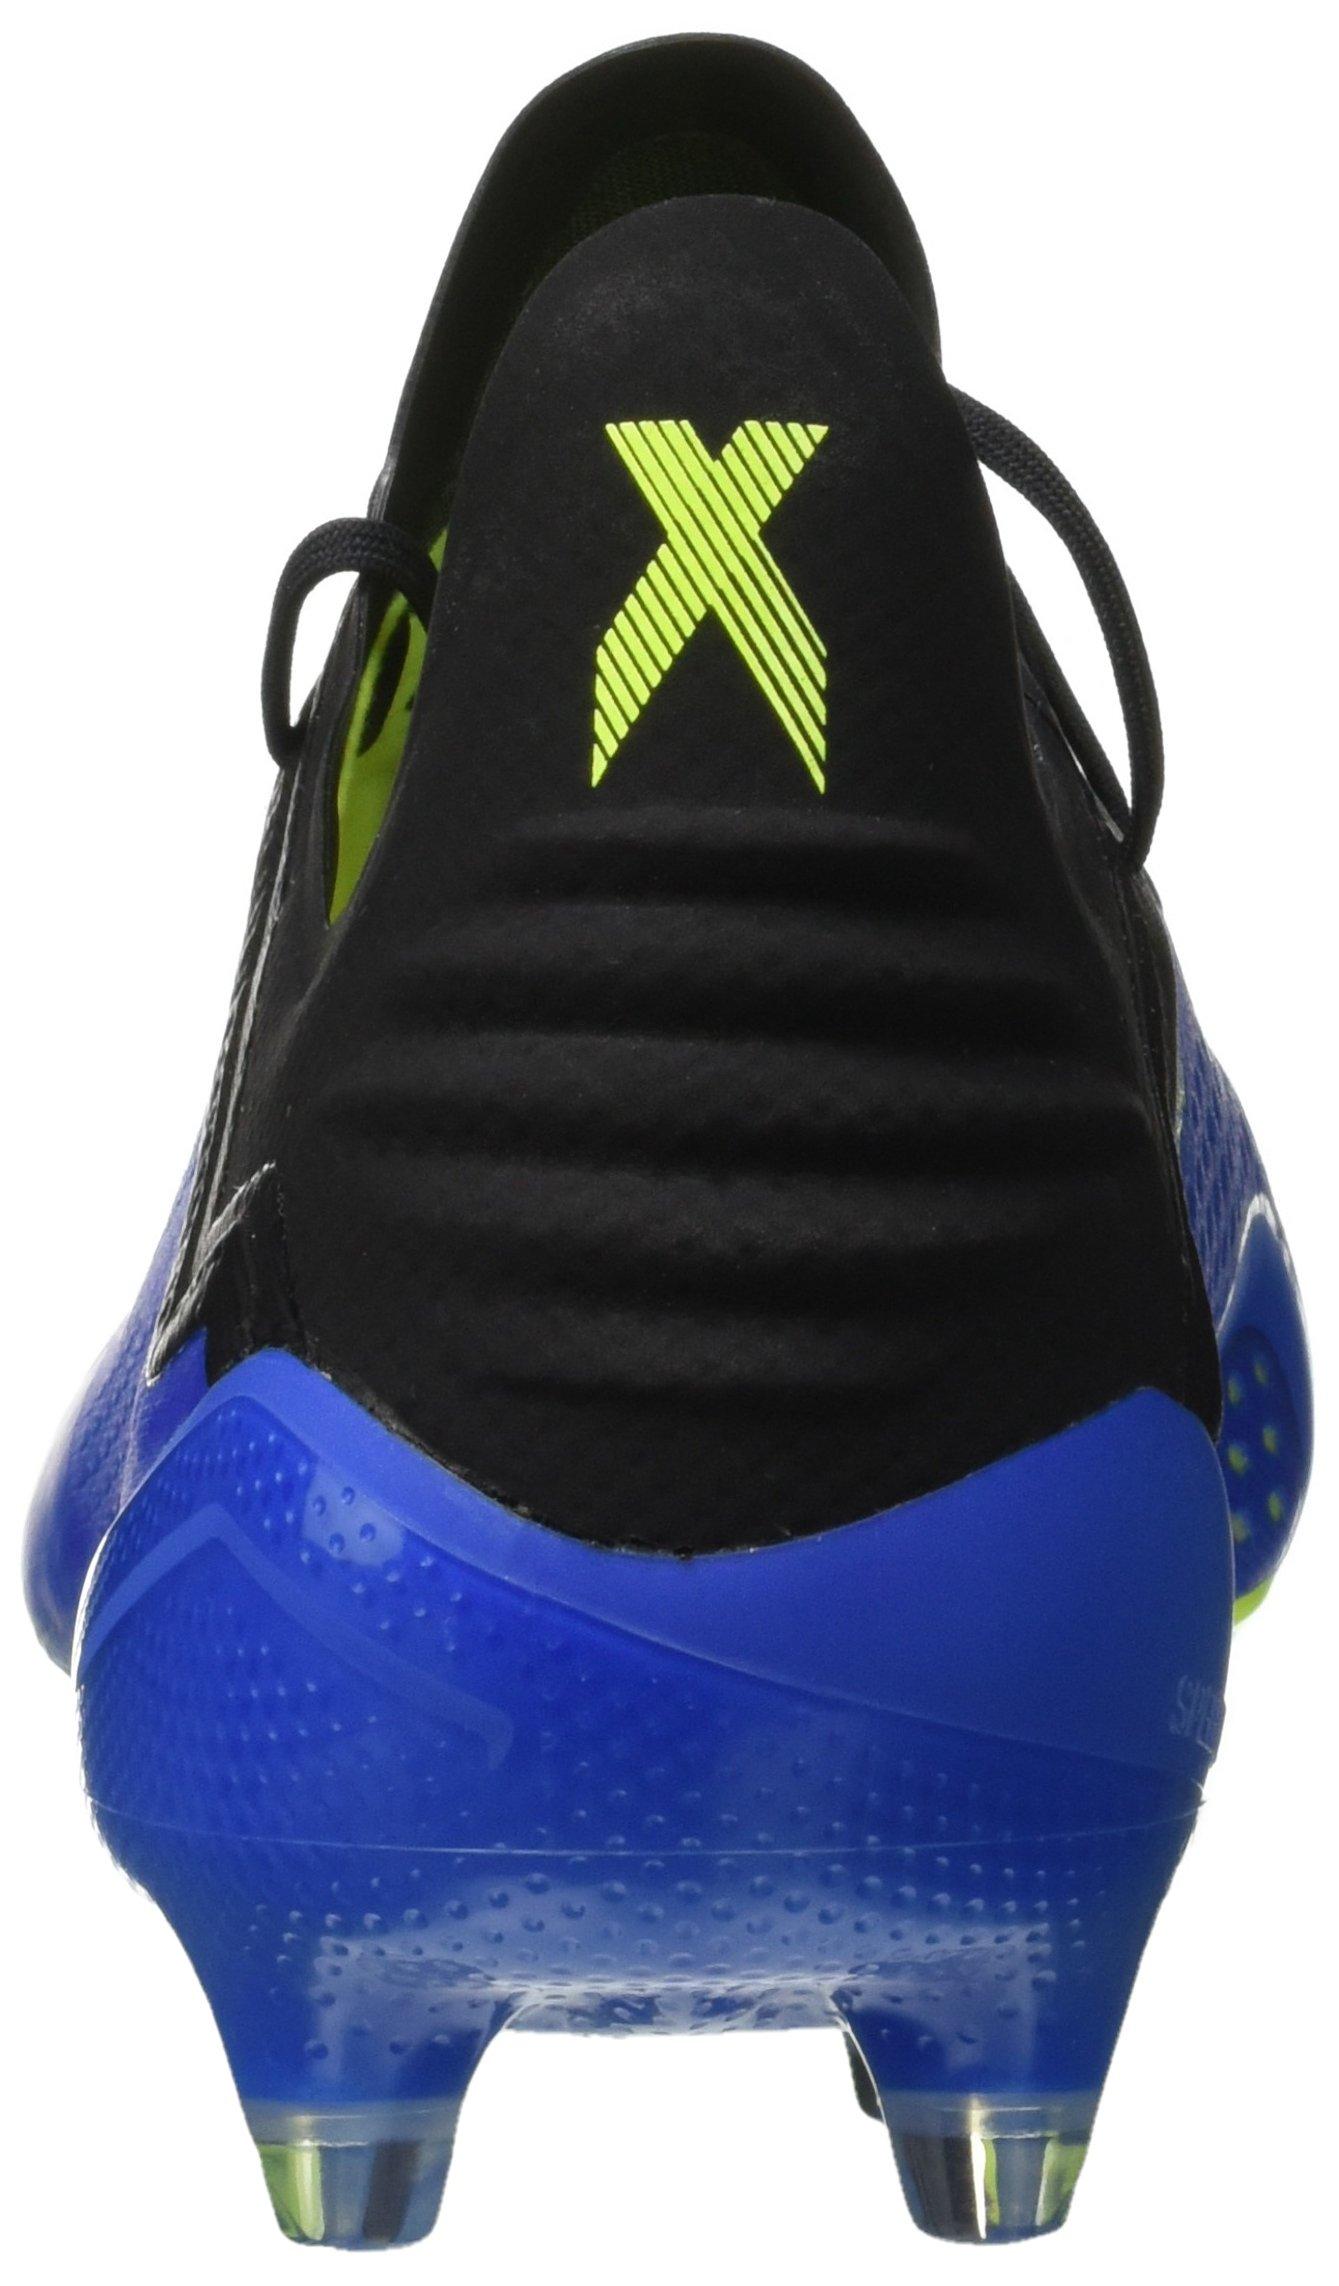 adidas X 18.1 Fg, Scarpe da Calcio Uomo 2 spesavip